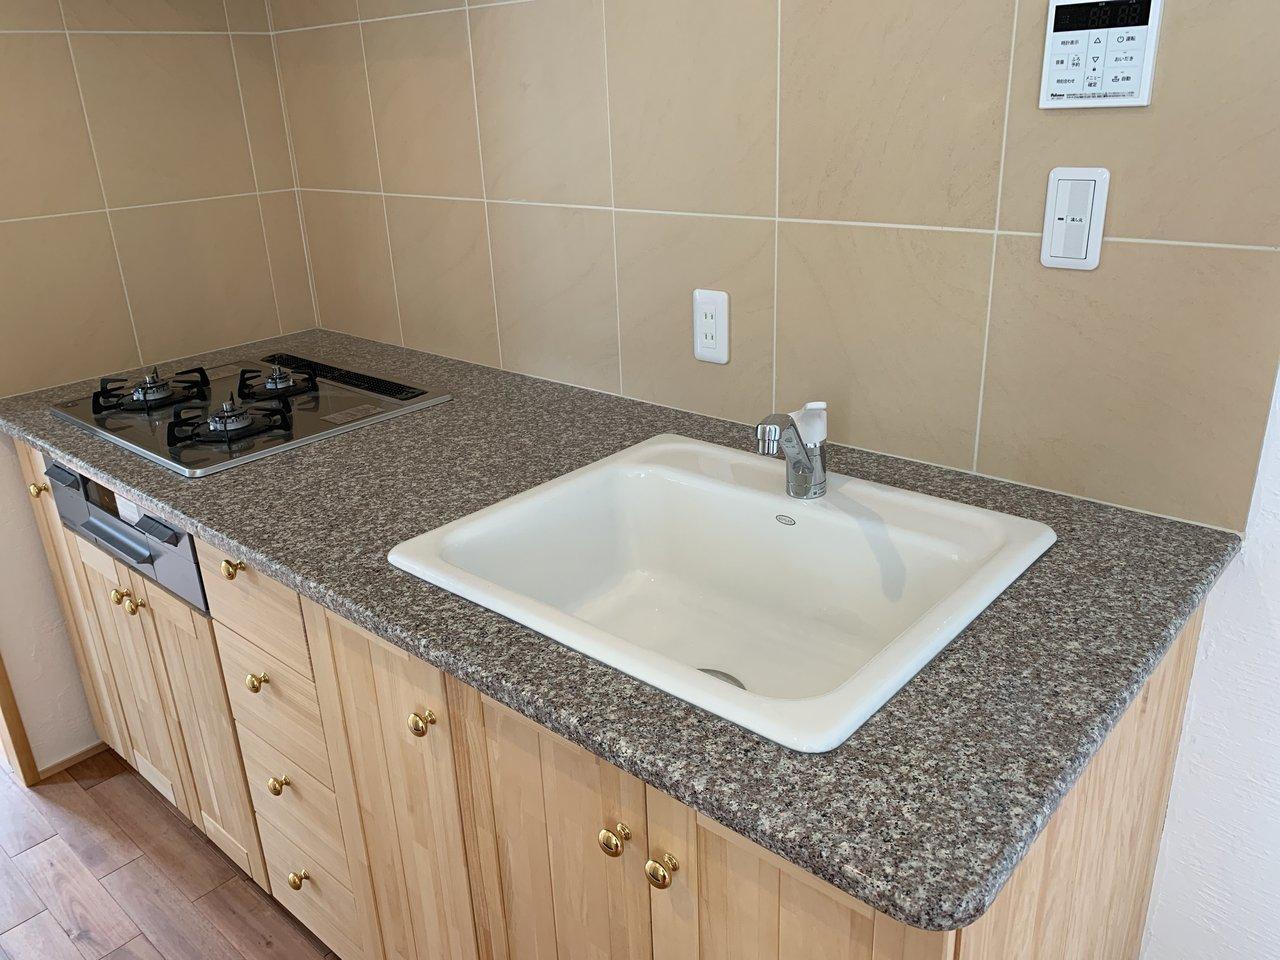 キッチンの棚にも木が使われていましたよ。機能性も高く、自炊がはかどりそうなキッチンです。